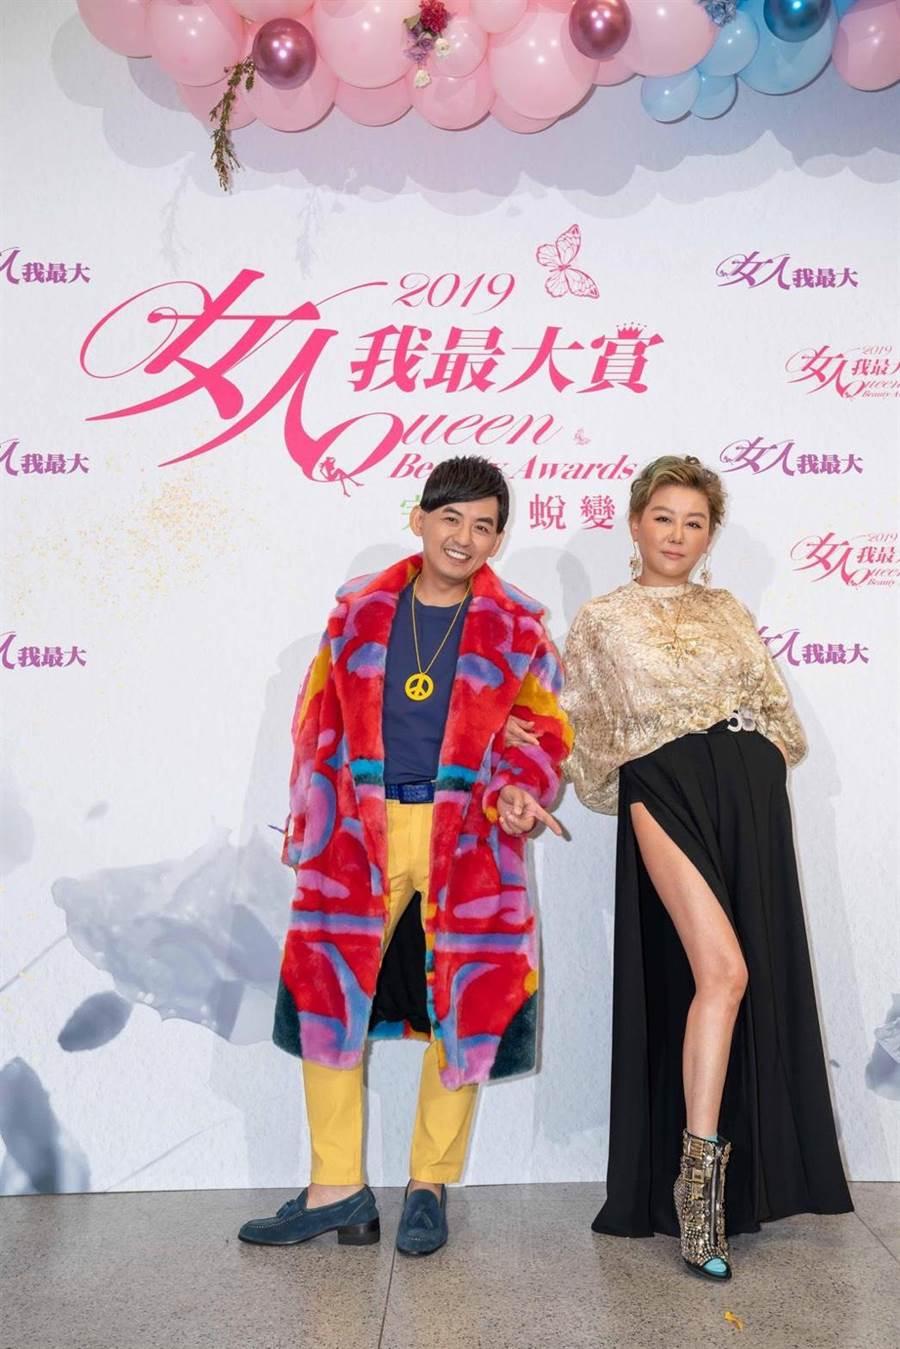 黃子佼主持「2019女人我最大賞」,時尚教主藍心湄秀辣腿。(TVBS提供)